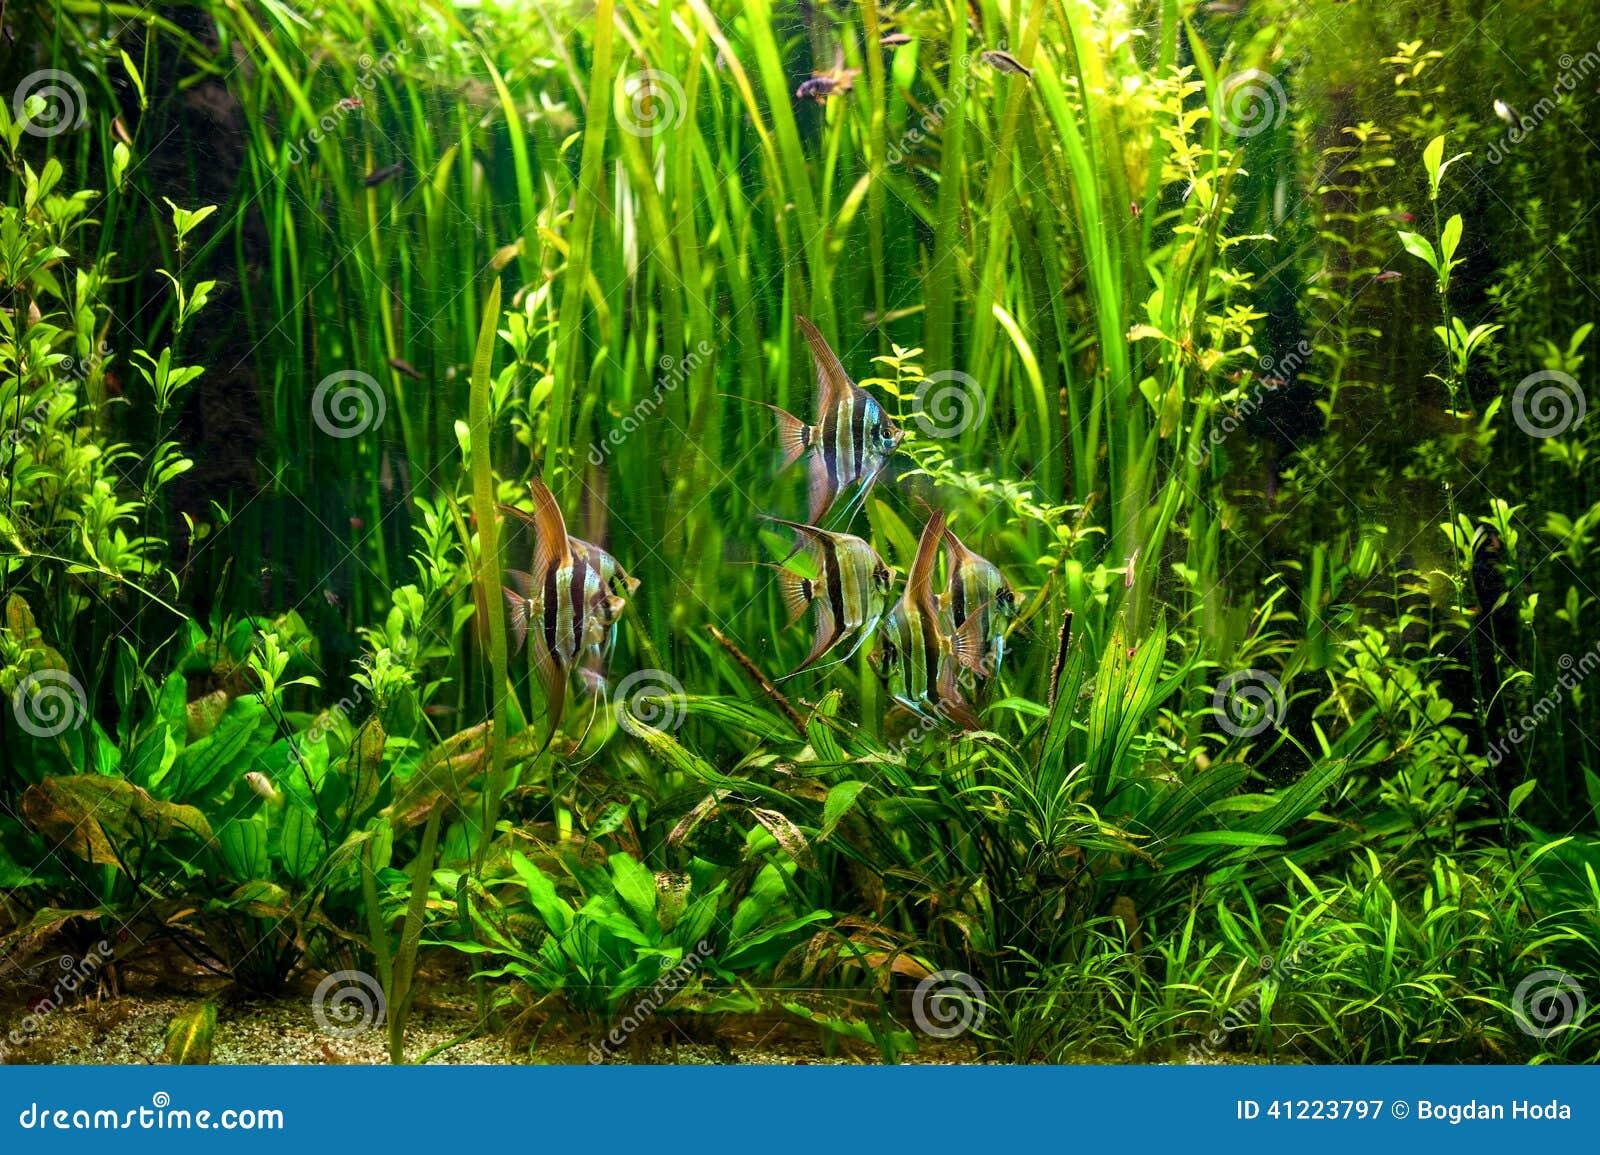 how to stop alga in tank